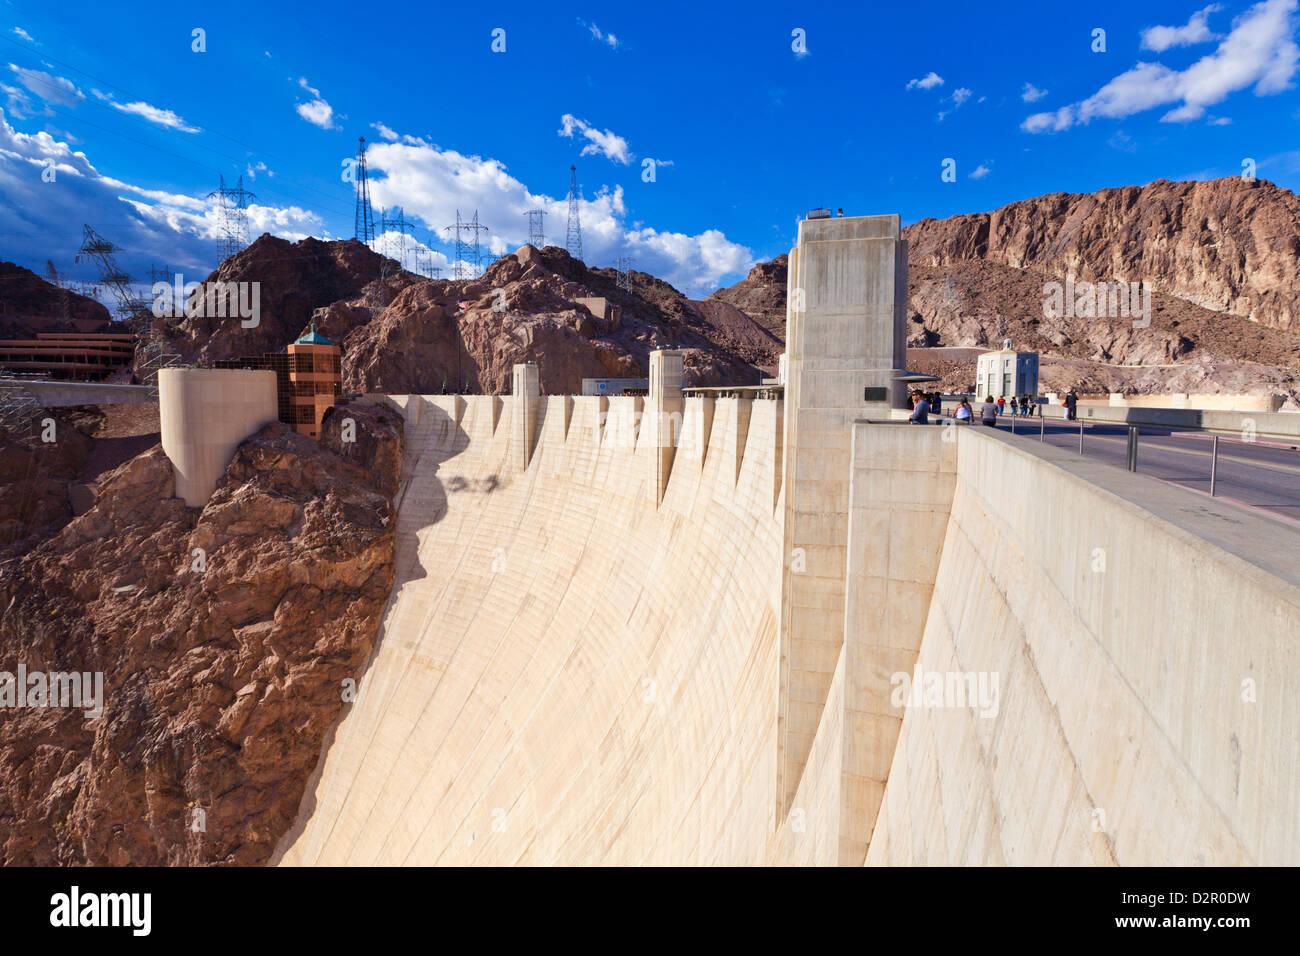 Hoover-Staudamm Mauer, Boulder City, Nevada, Vereinigte Staaten von Amerika, Nordamerika Stockbild